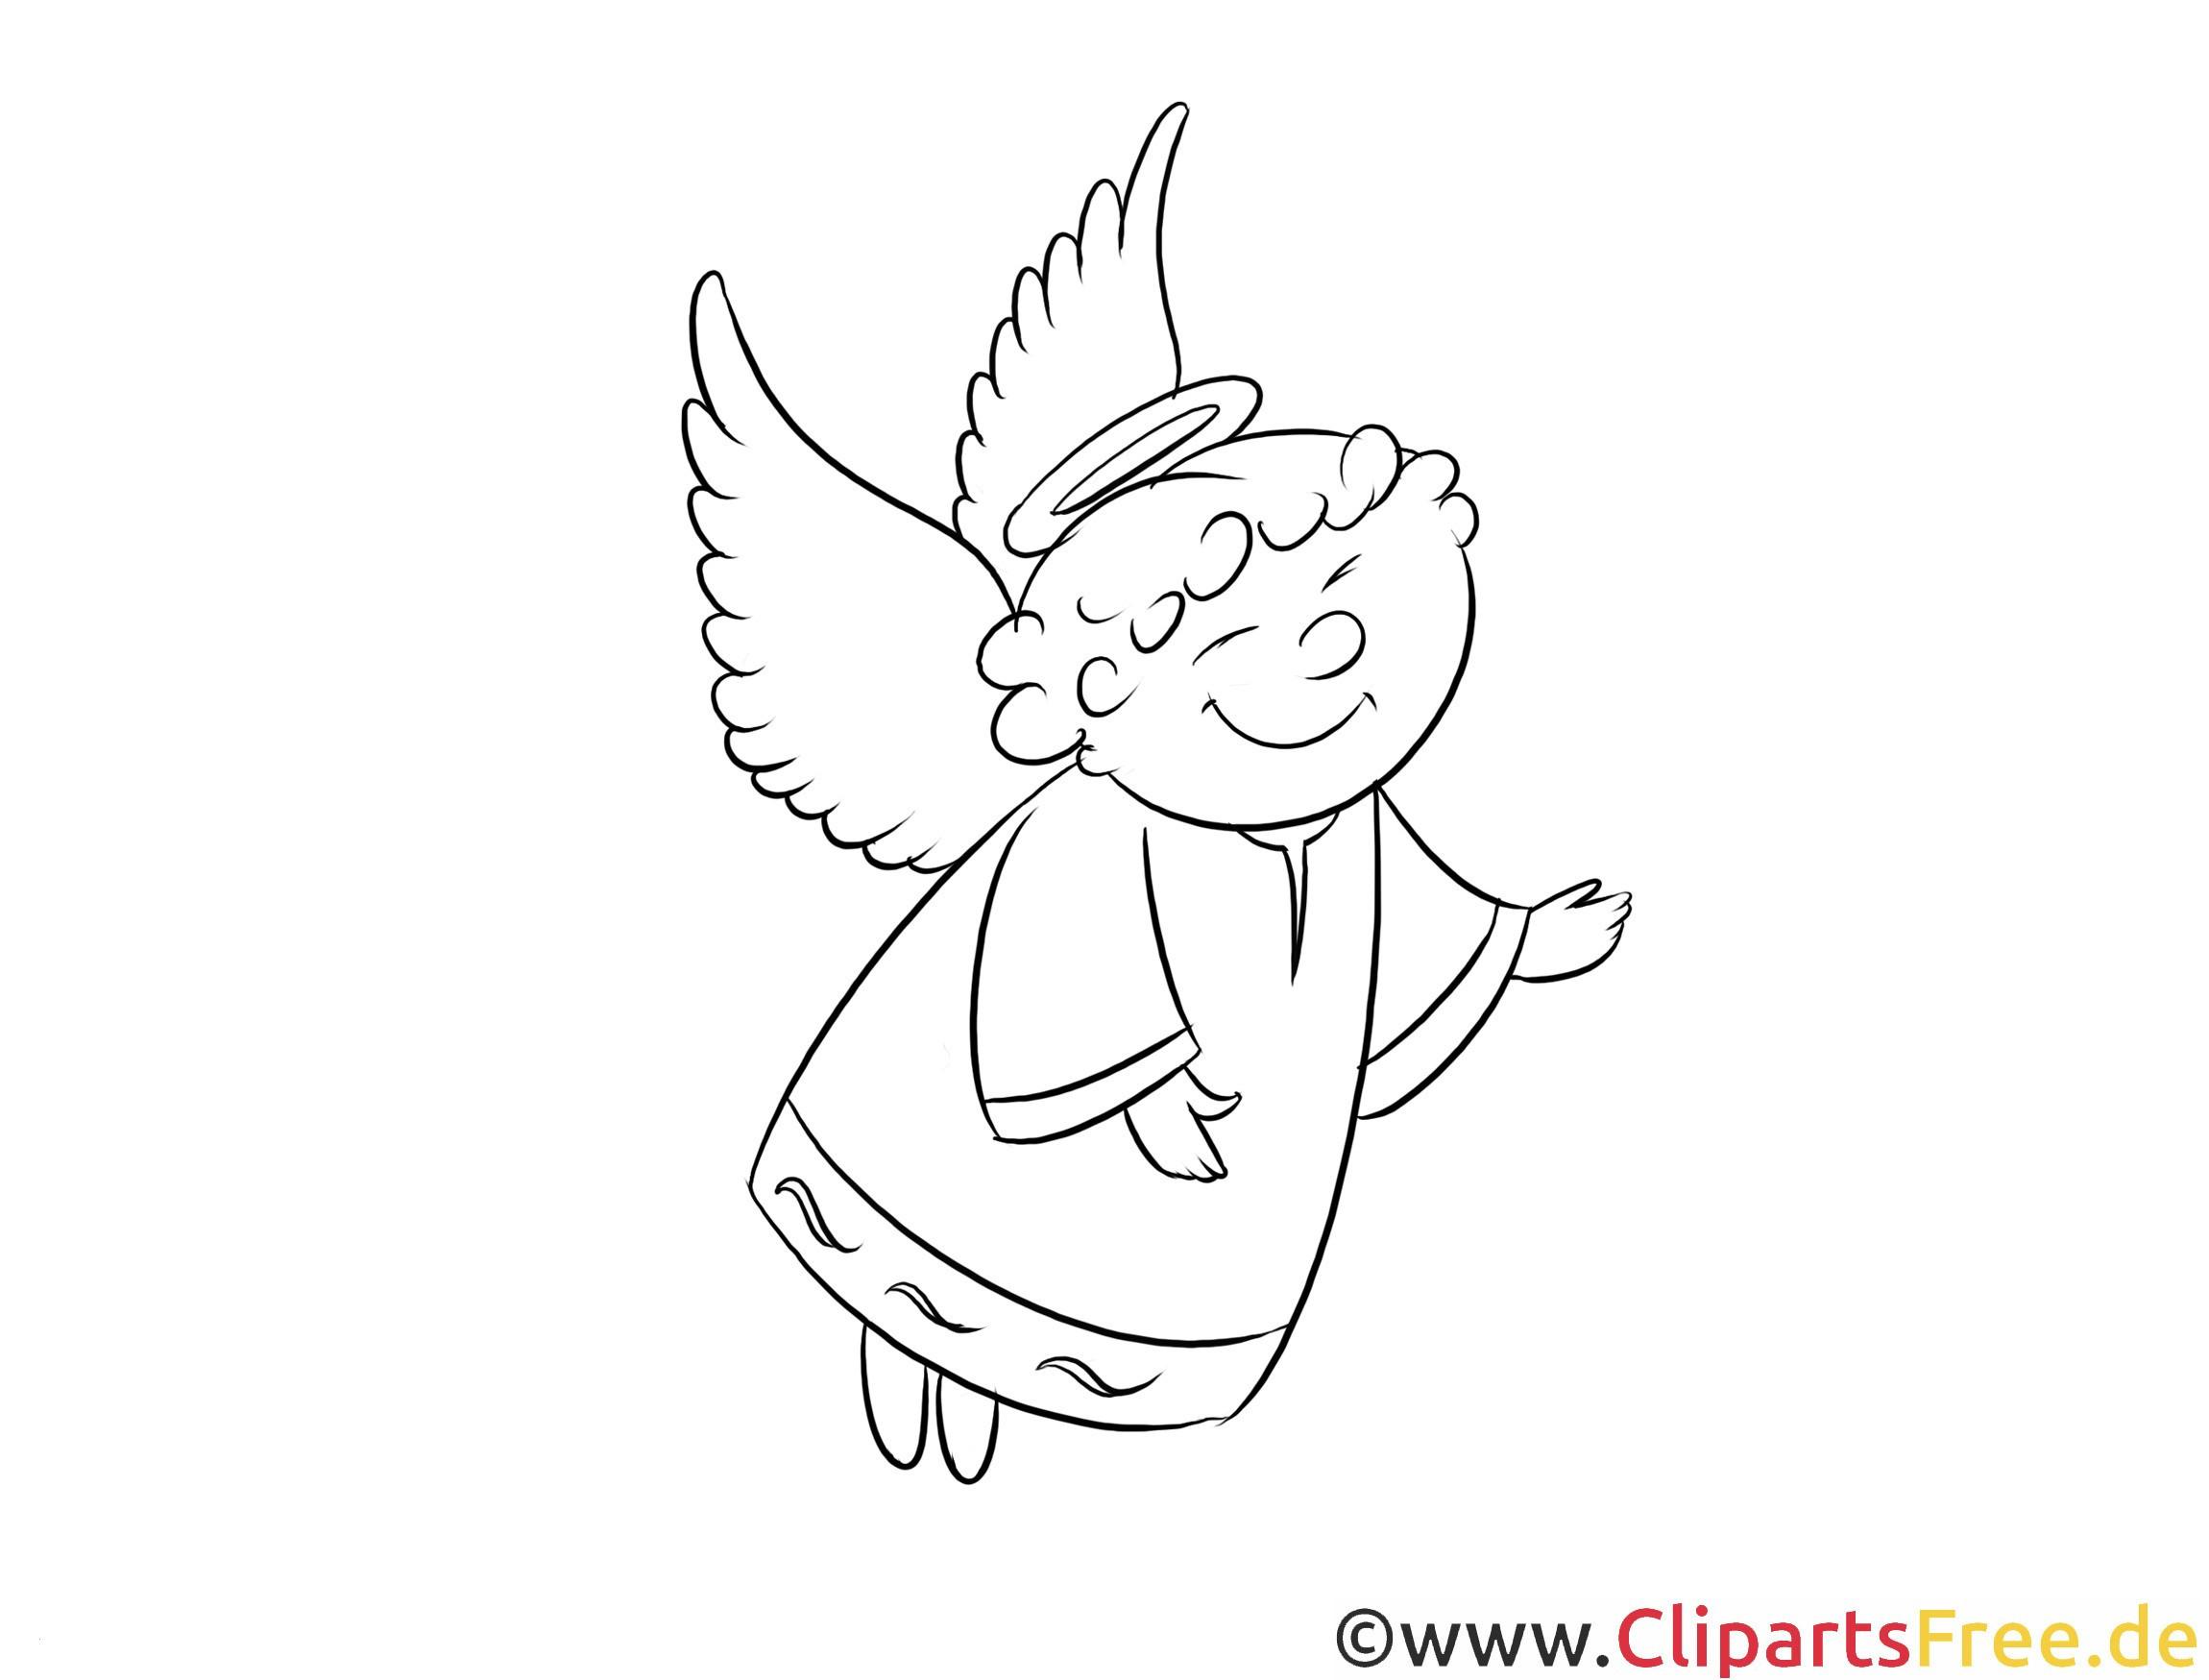 Ausmalbild Weihnachten Engel Neu Kind Engel Bilder Die Meisten Nützlich Ausmalbilder Weihnachten Galerie